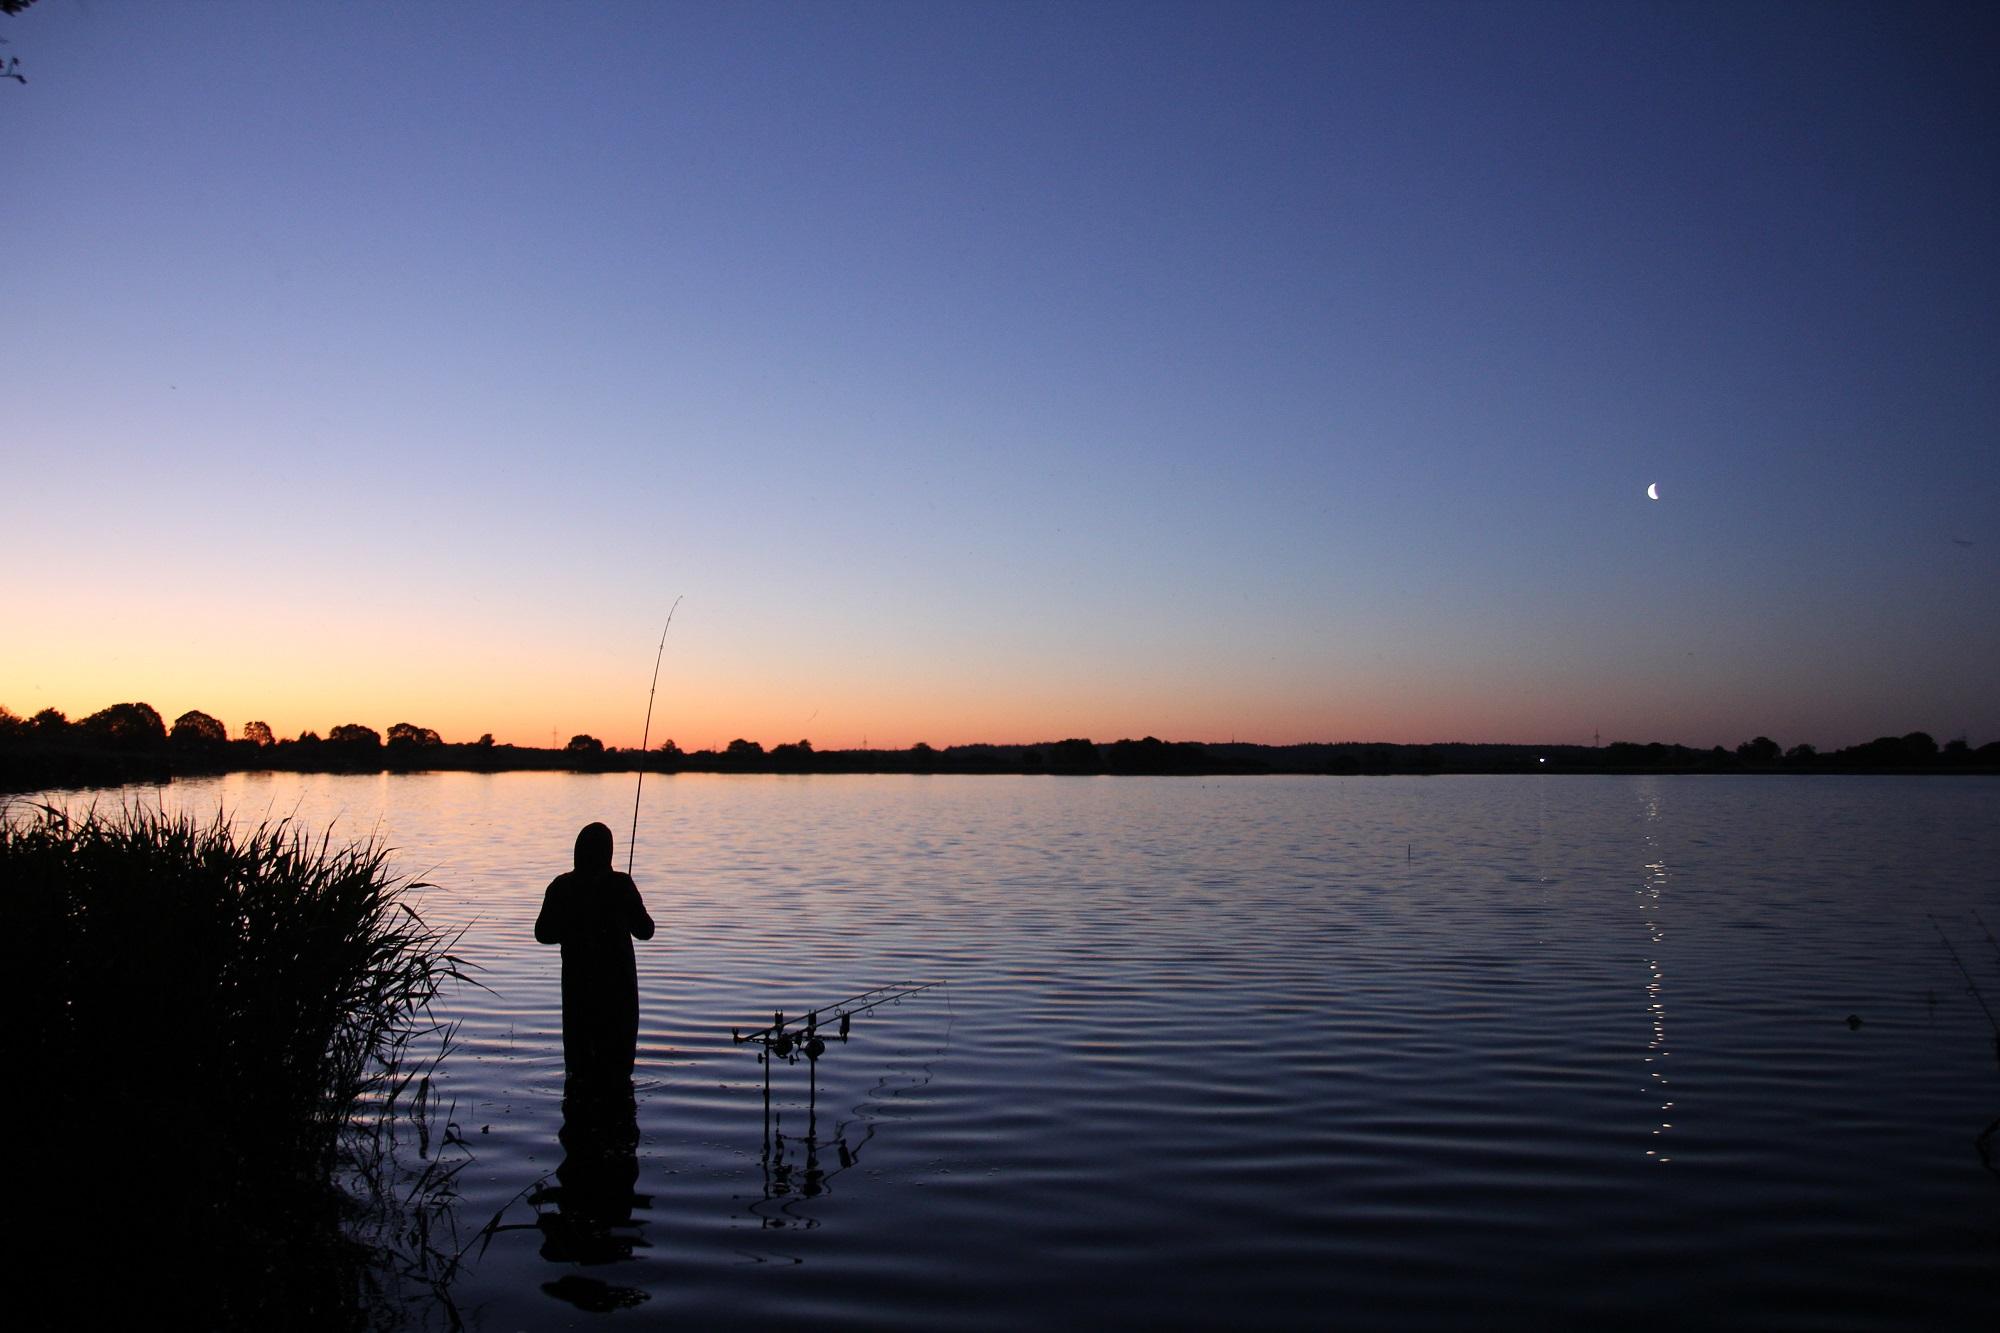 Egal, wie das Wetter ist, die frühen Morgenstunden sind immer für einen Fang gut. Gerade im Sommer nehmen häufig dann die Karpfen unsere Boilies, Partikel und andere Köder